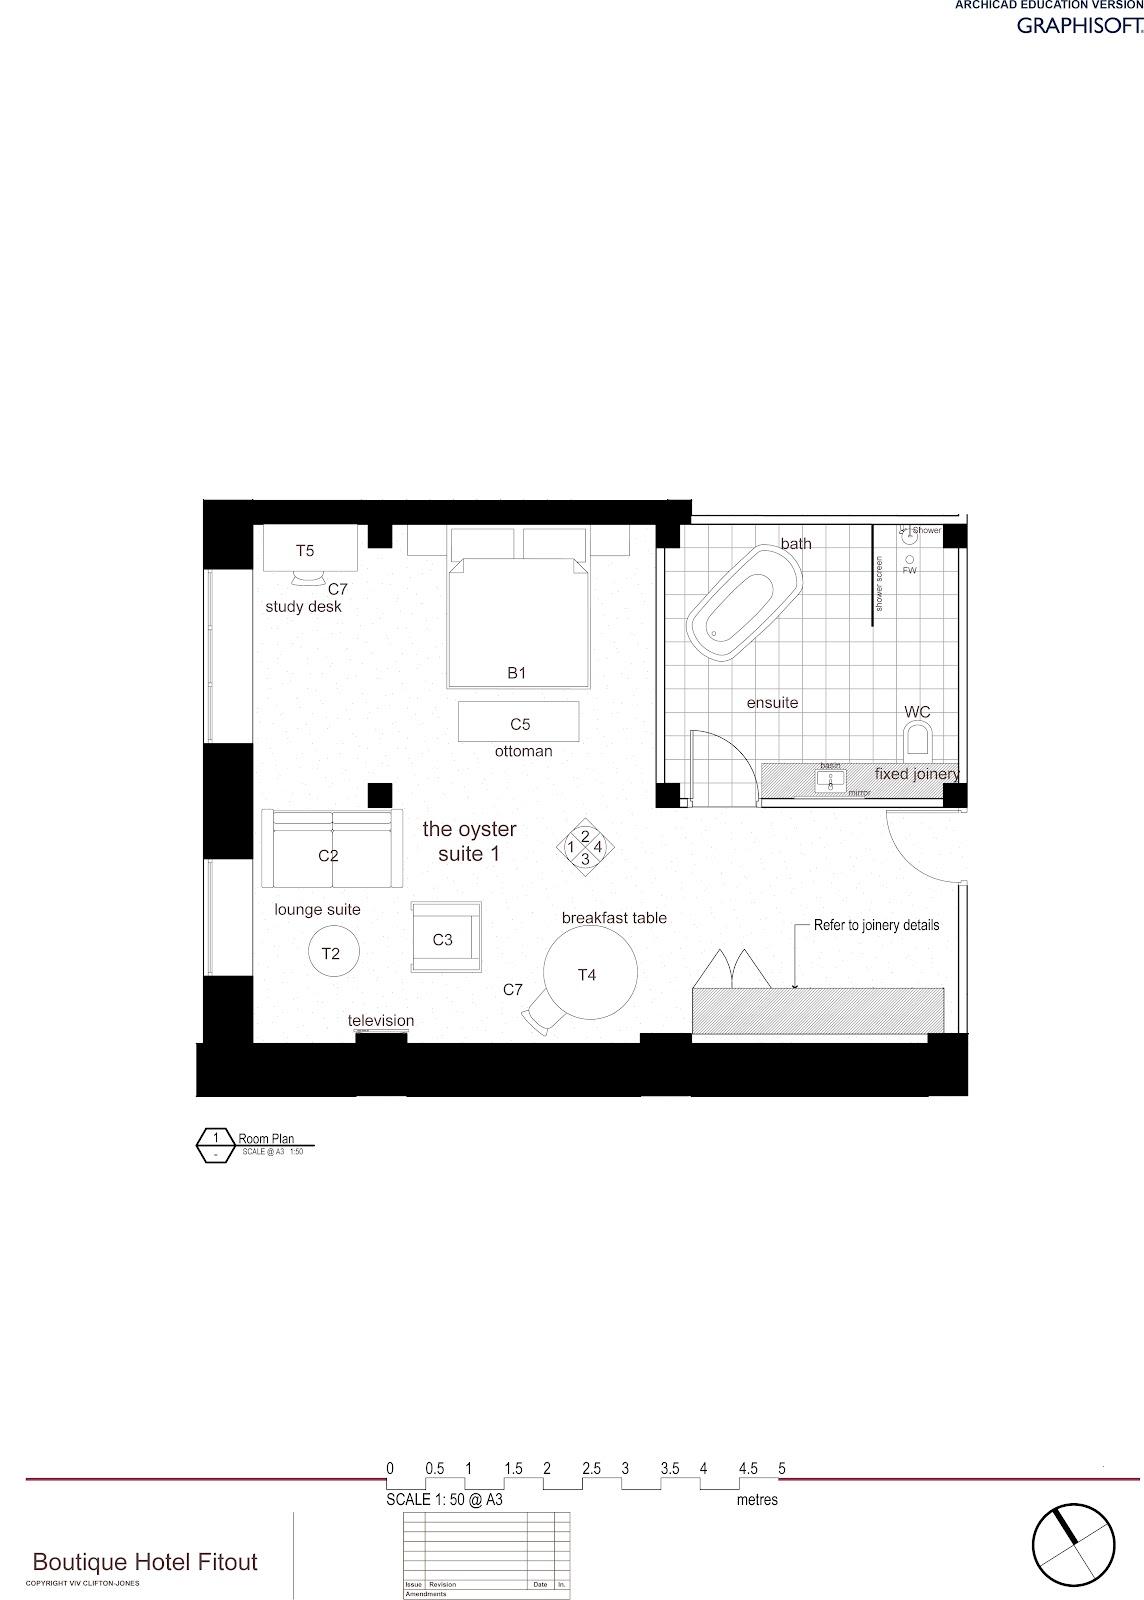 Interiors Dpid034b 35b 36b Complex Brief Technical